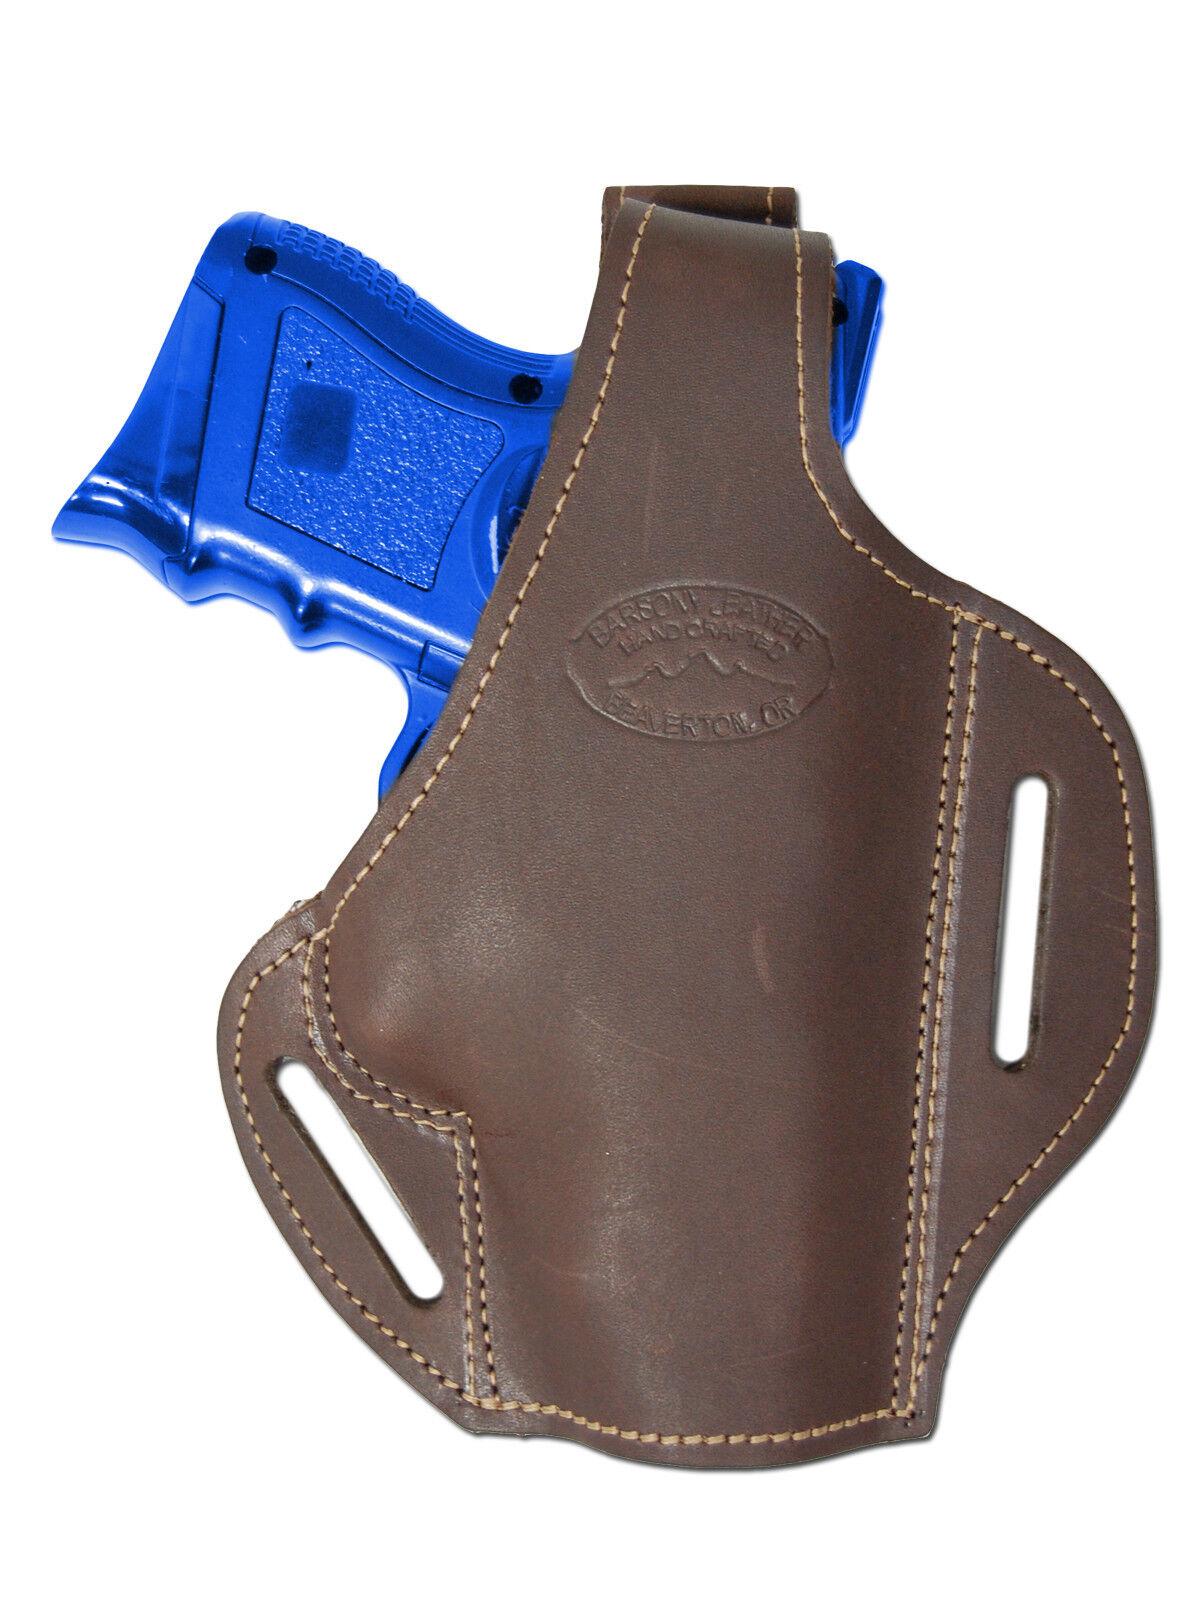 New Barsony Barsony New Braun Leder Pancake Gun Holster for Ruger Compact 9mm 40 45 760807